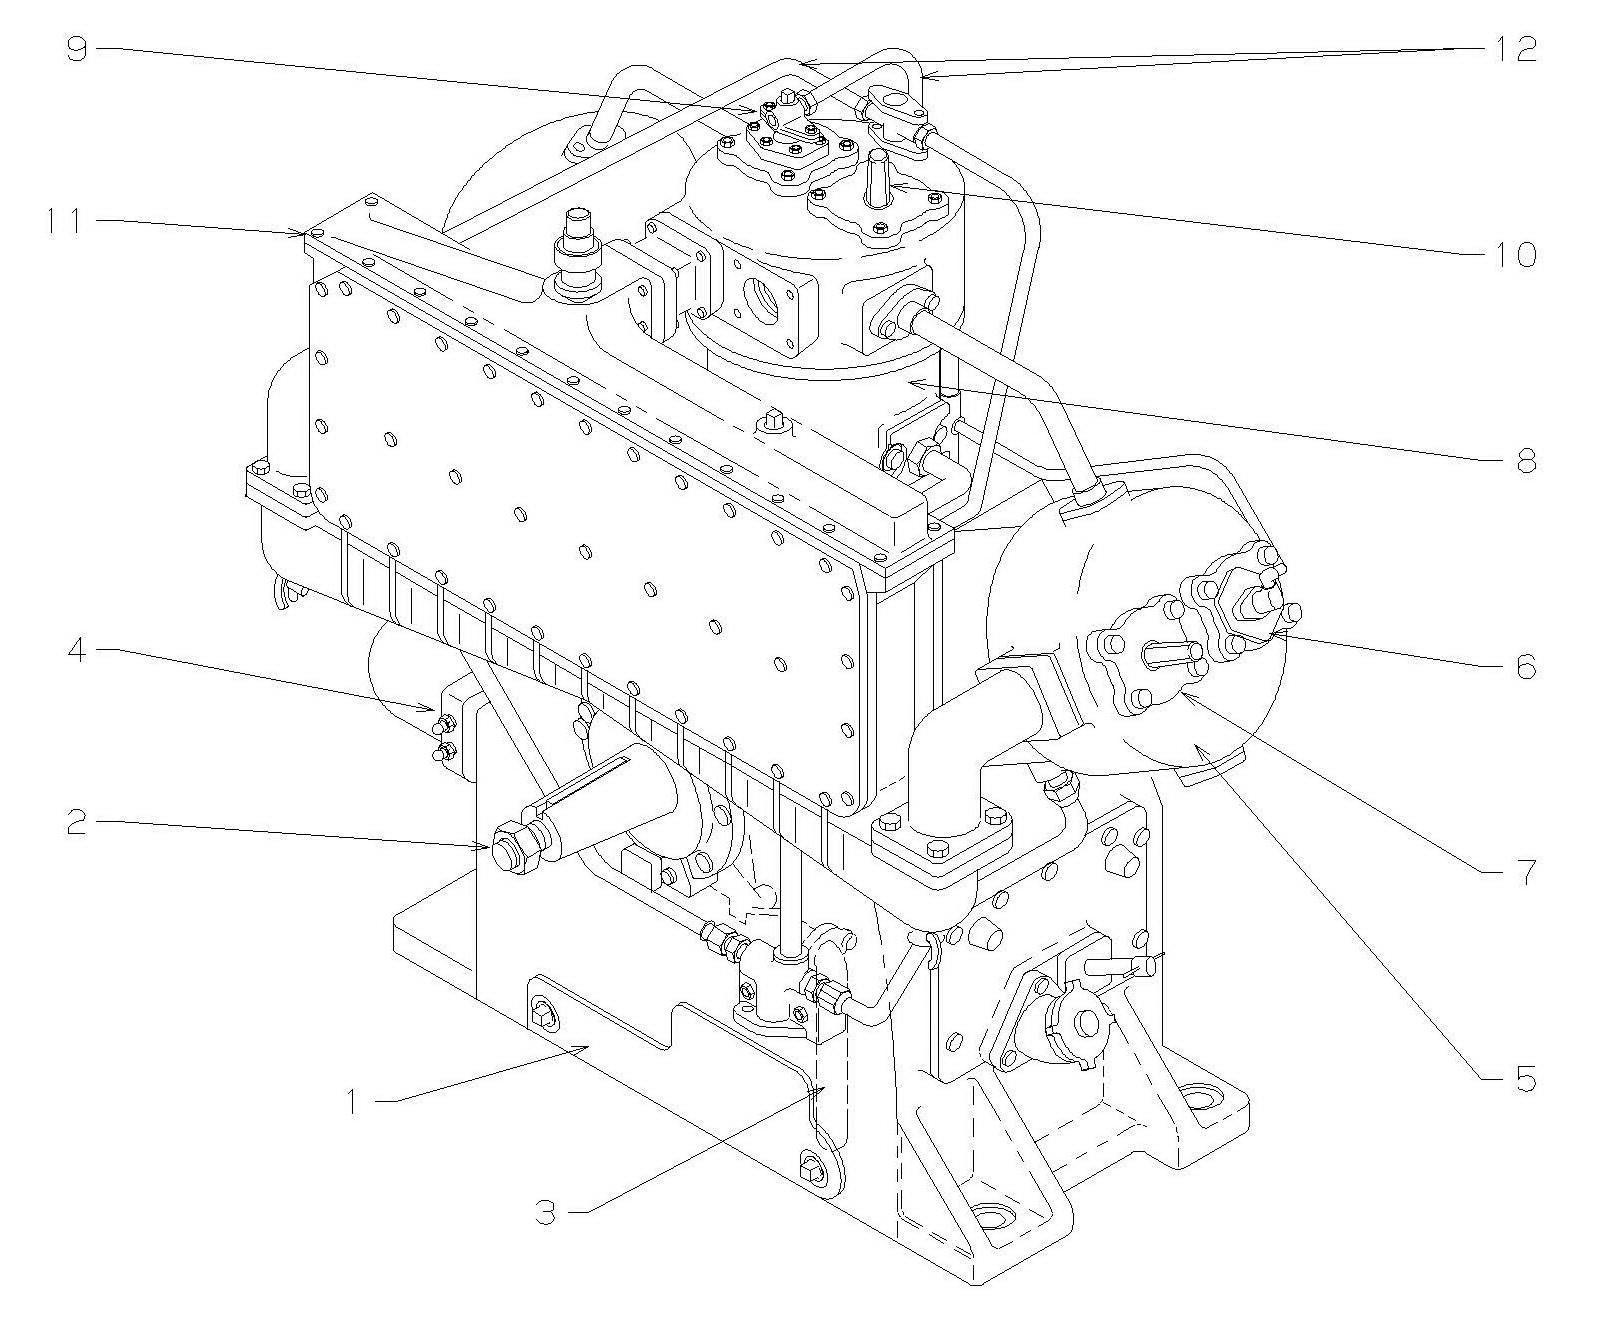 1999 Isuzu Trooper Wiring Diagram Also 2005 Acura Mdx Wiring Diagram